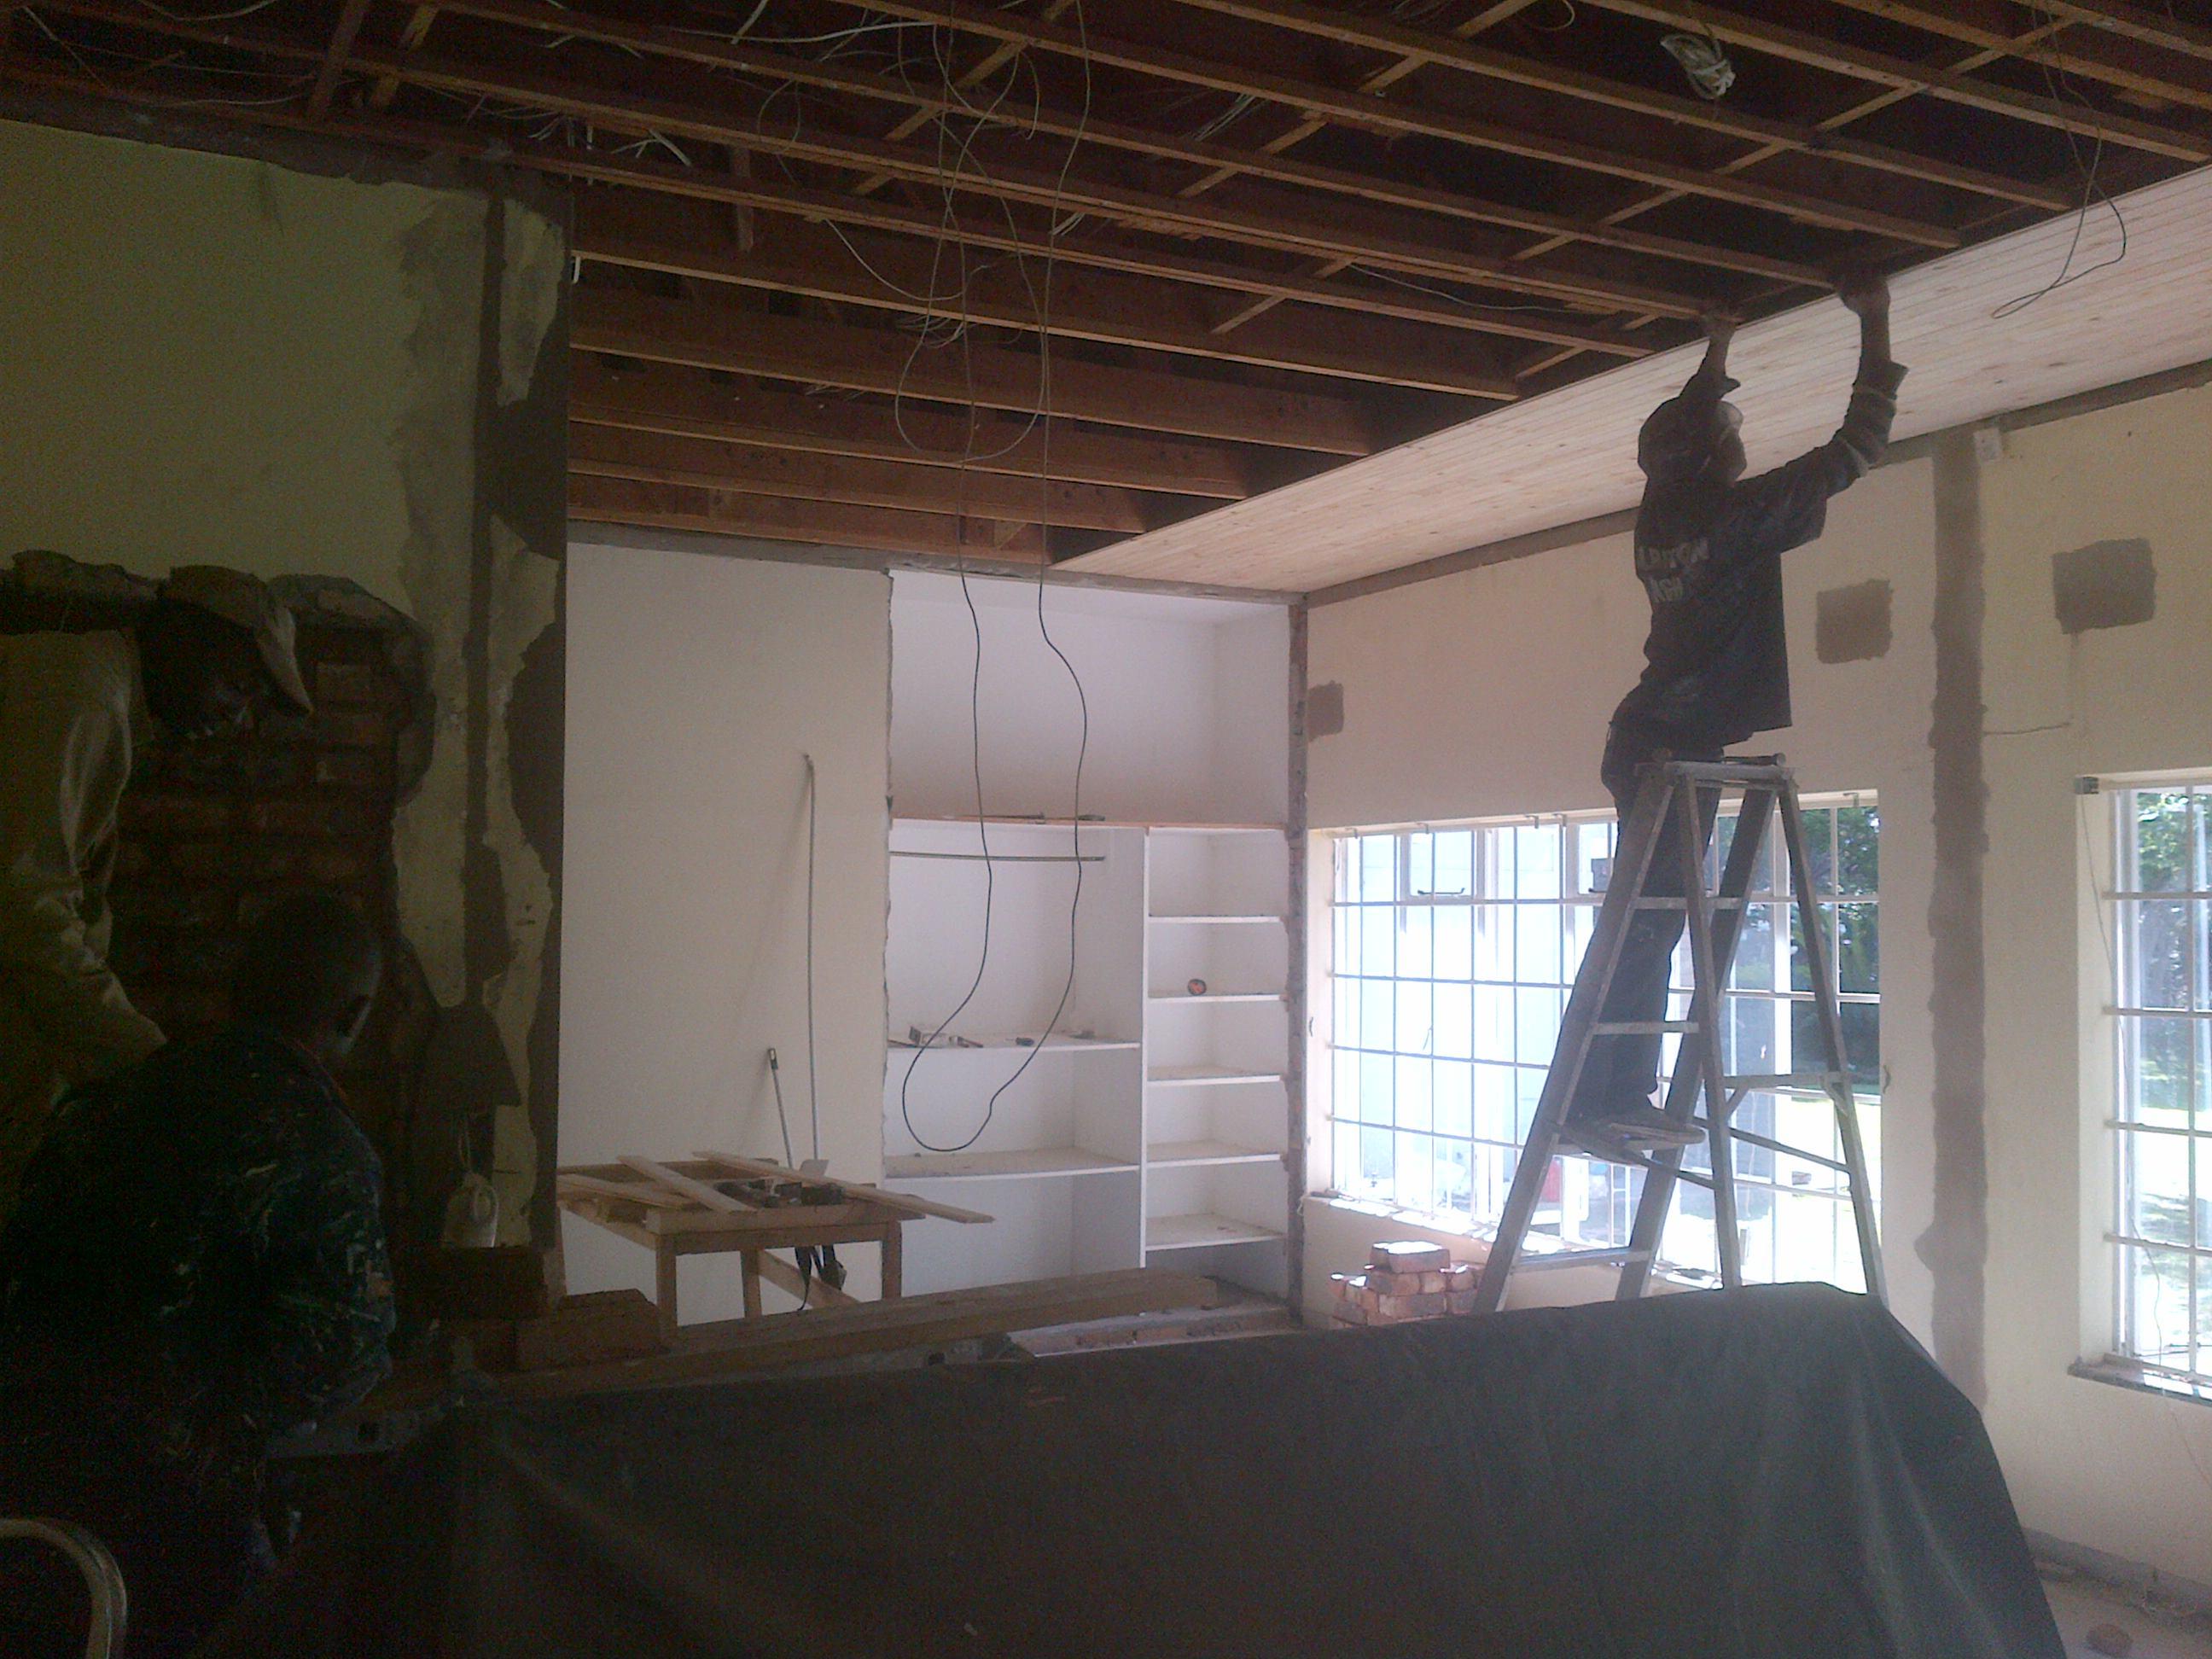 Knotty Pine Ceiling in Progress